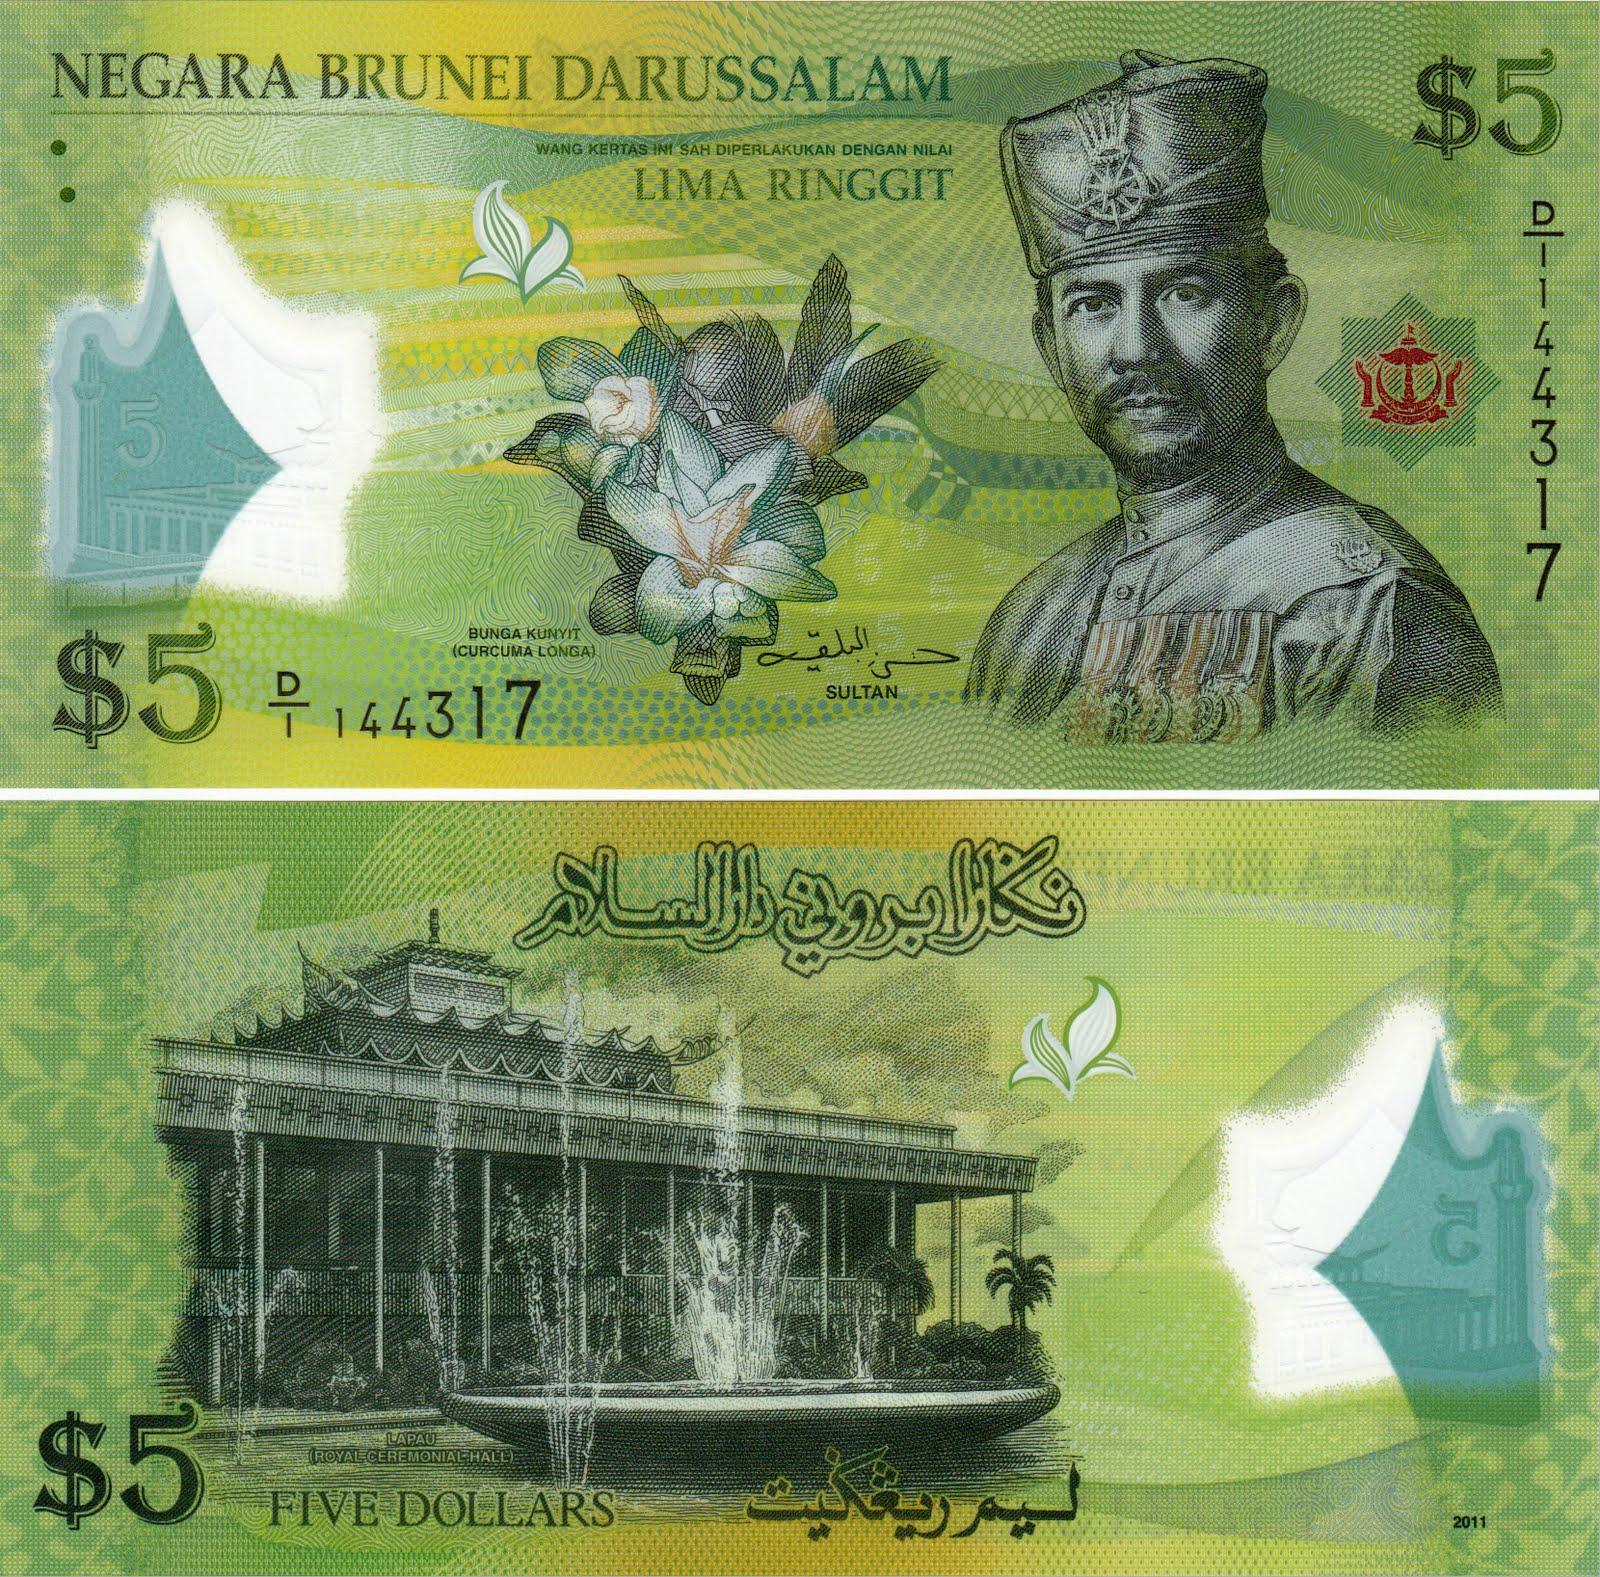 Penukaran Ringgit Brunei Ke Rupiah Hari Ini, Sekarang Digital Penuh